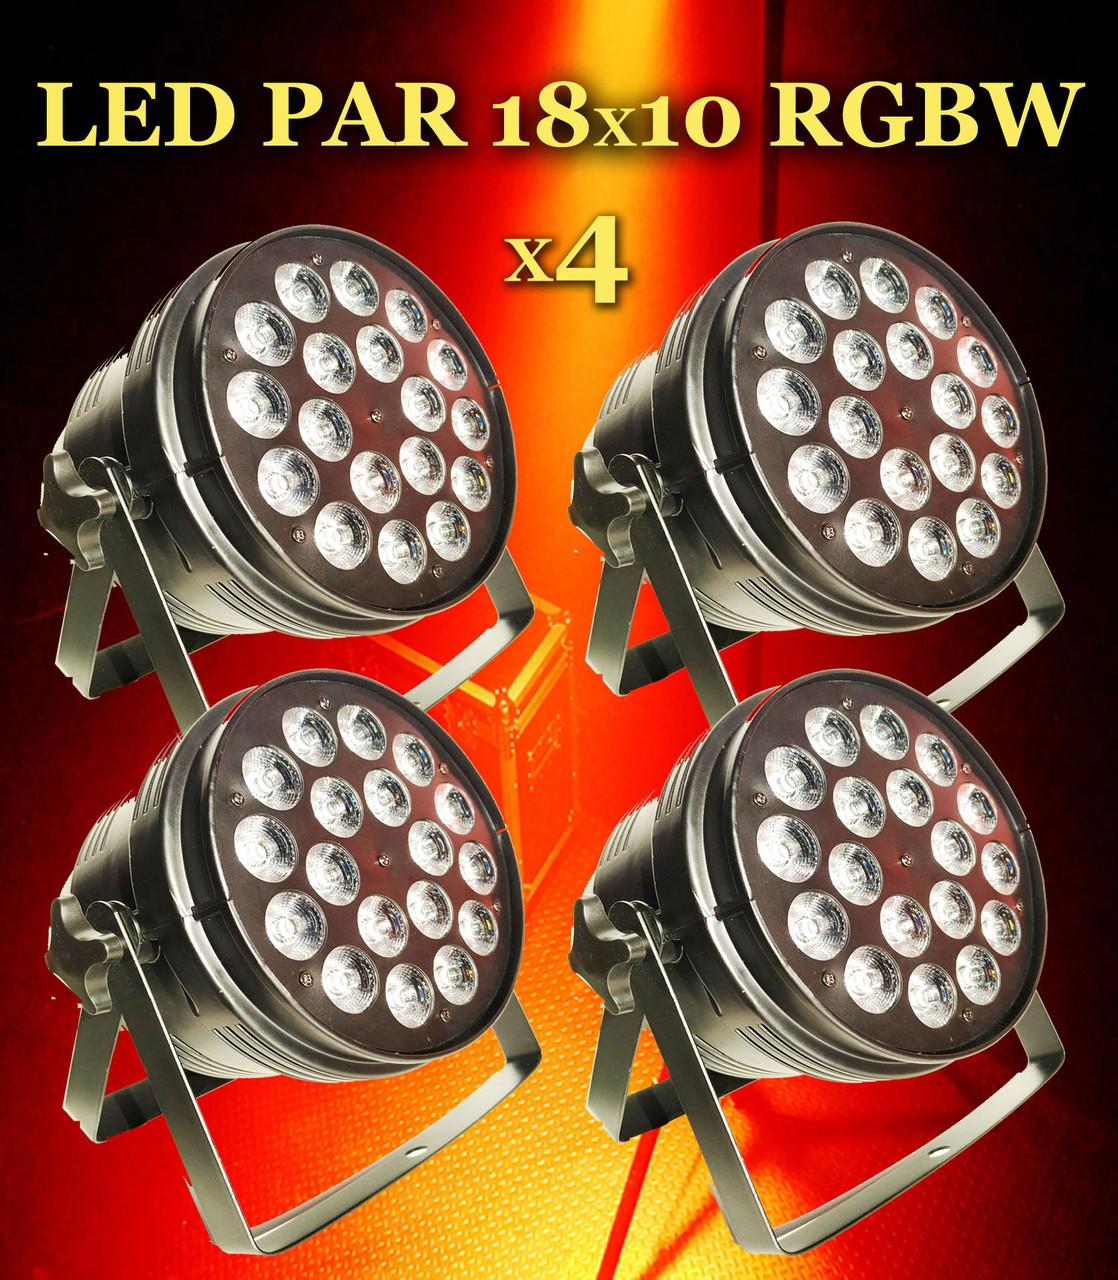 Комплект заливочных концертных прожекторов Led Par 18x10 RGBW 4in1